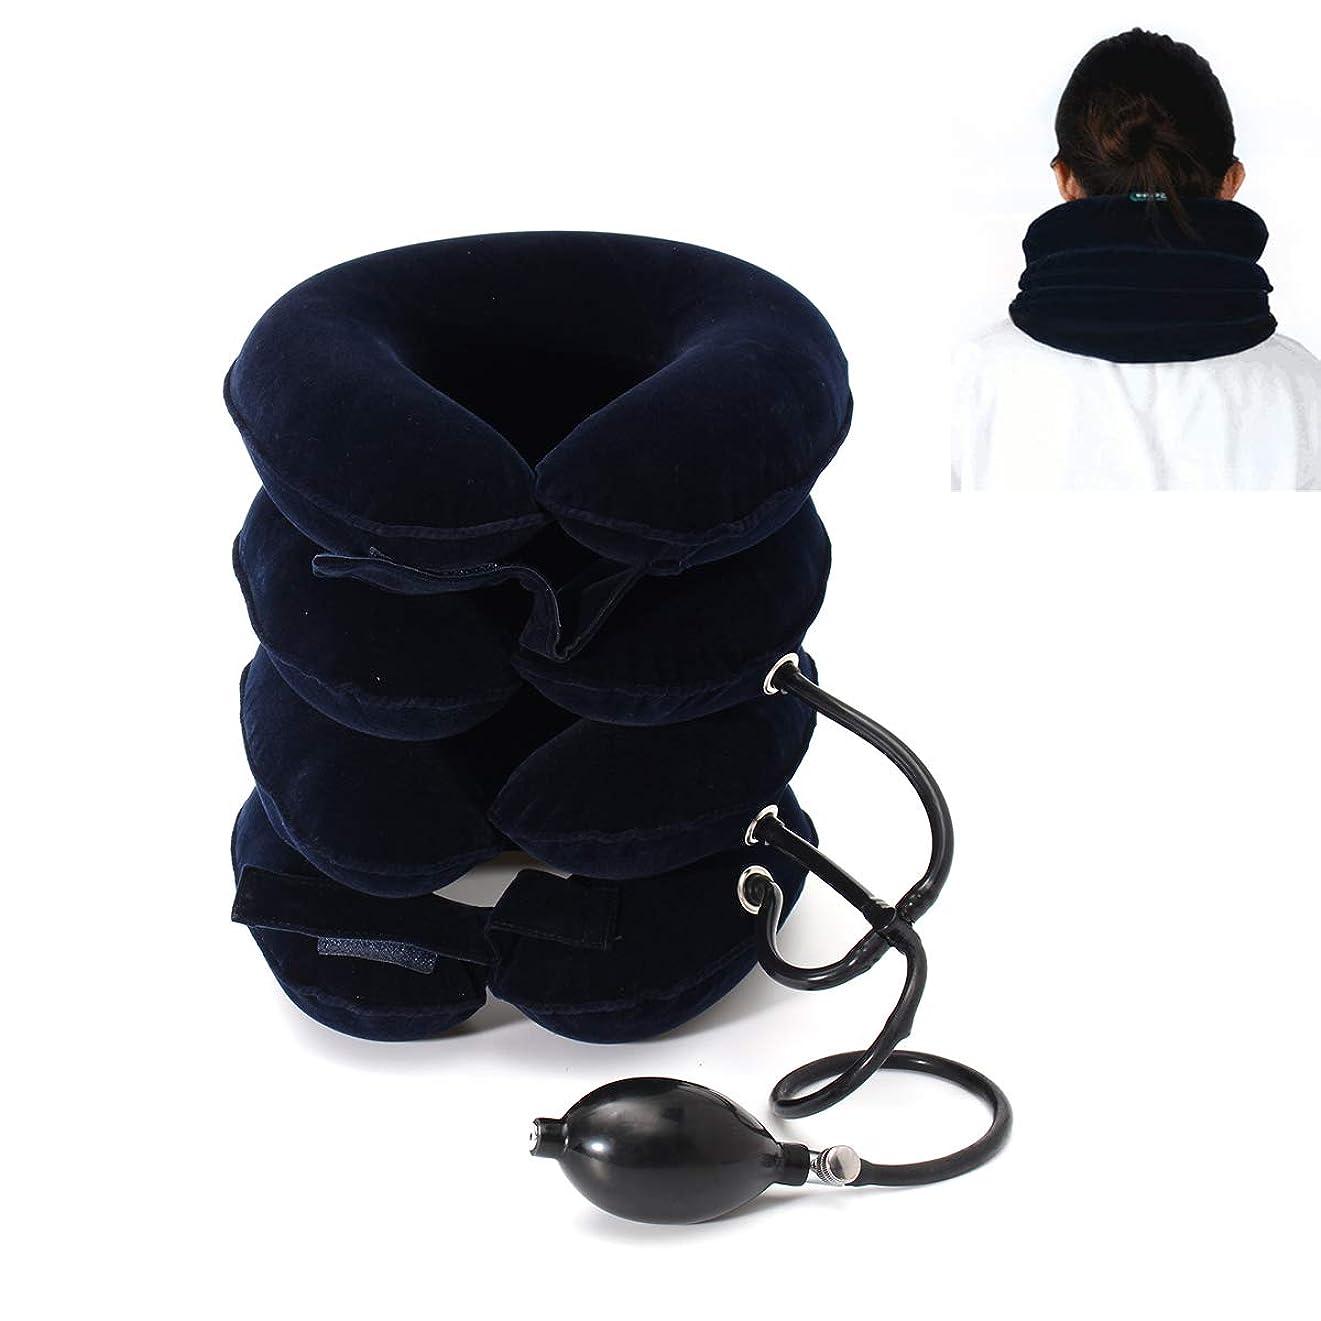 食べるわかる補う4層ネックストレッチャー、MUIIGOOD頚部牽引装置、痛み緩和のためのネック姿勢慢性頸部&肩アライメント痛み、首疲労と頚部の痛みを軽減 ストレッチ,ソフトウォッシャブルネルカバー